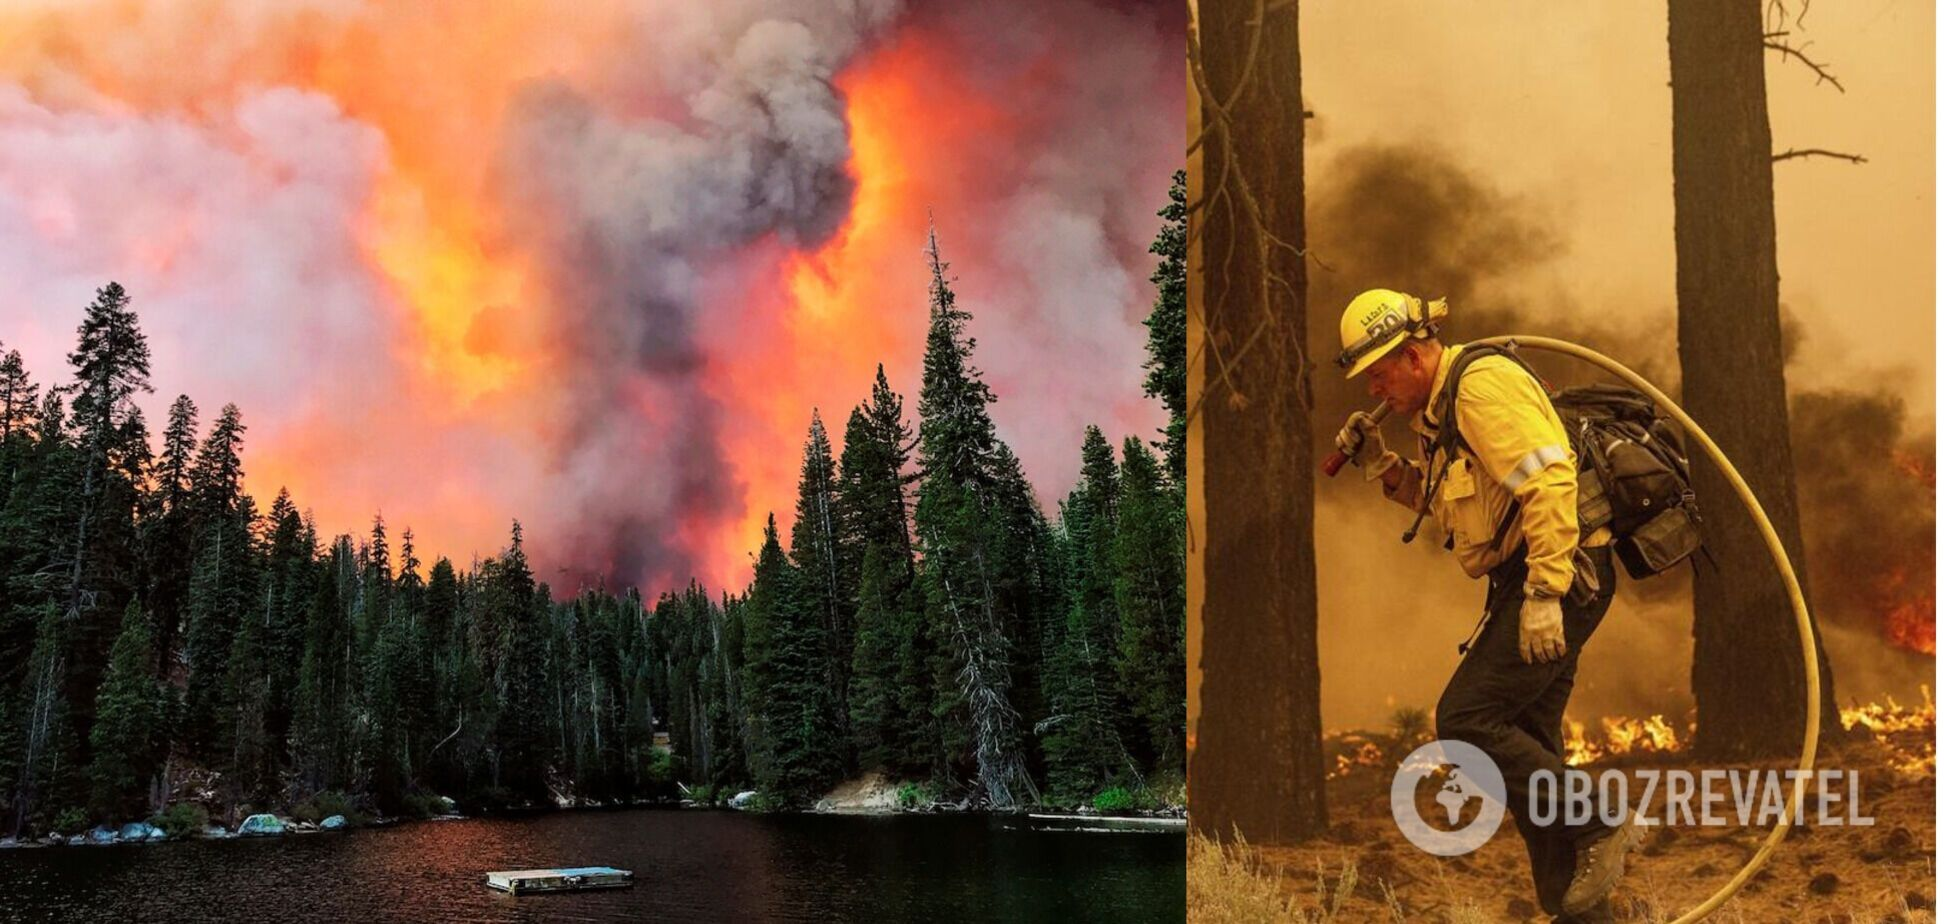 В Калифорнии бушует масштабный лесной пожар: густой дым окутал популярный среди туристов город. Видео